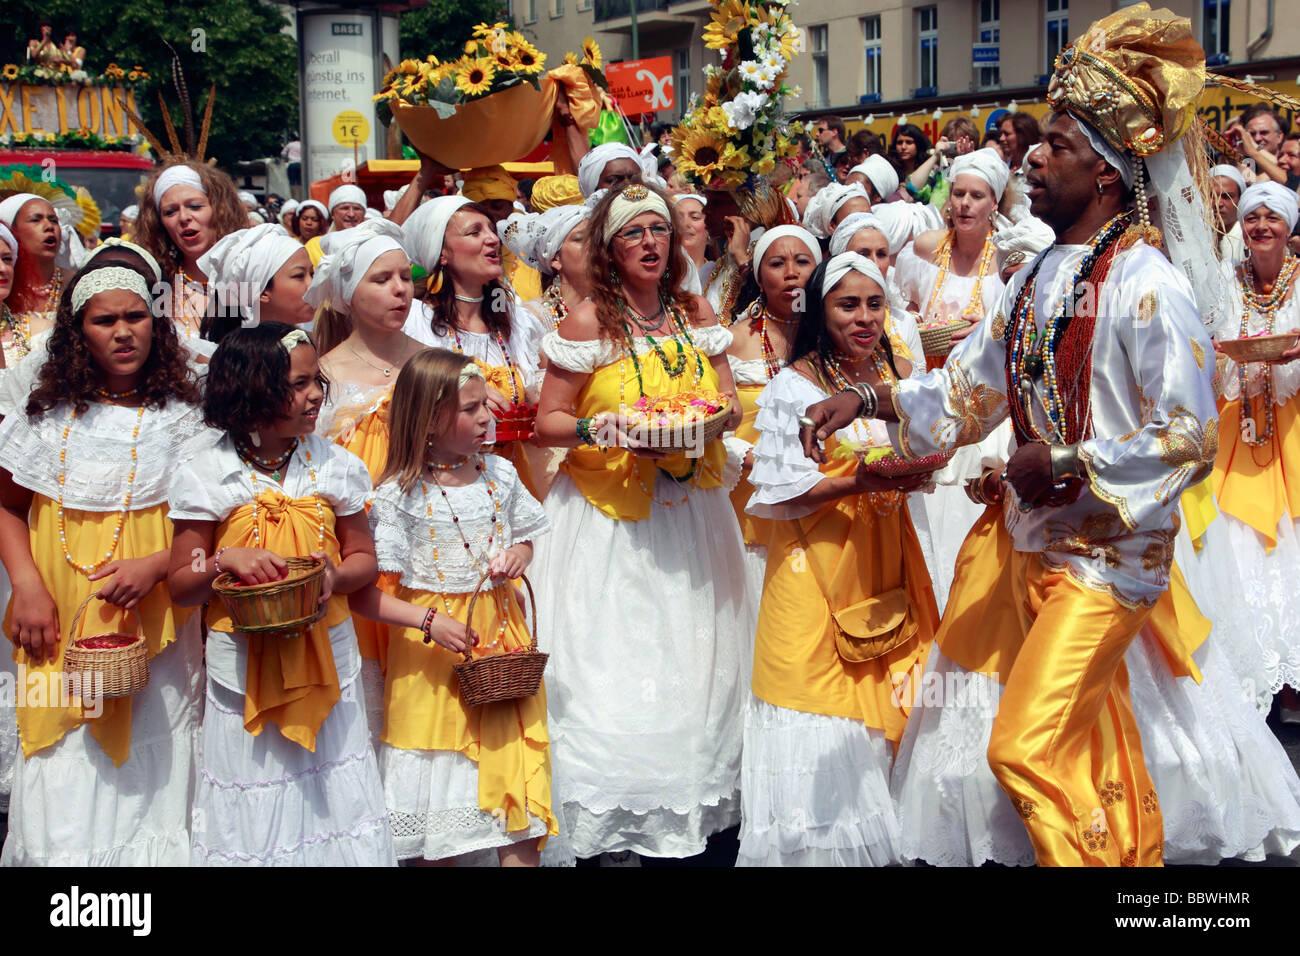 Allemagne Berlin Carnaval des Cultures groupe de chanteurs Photo Stock